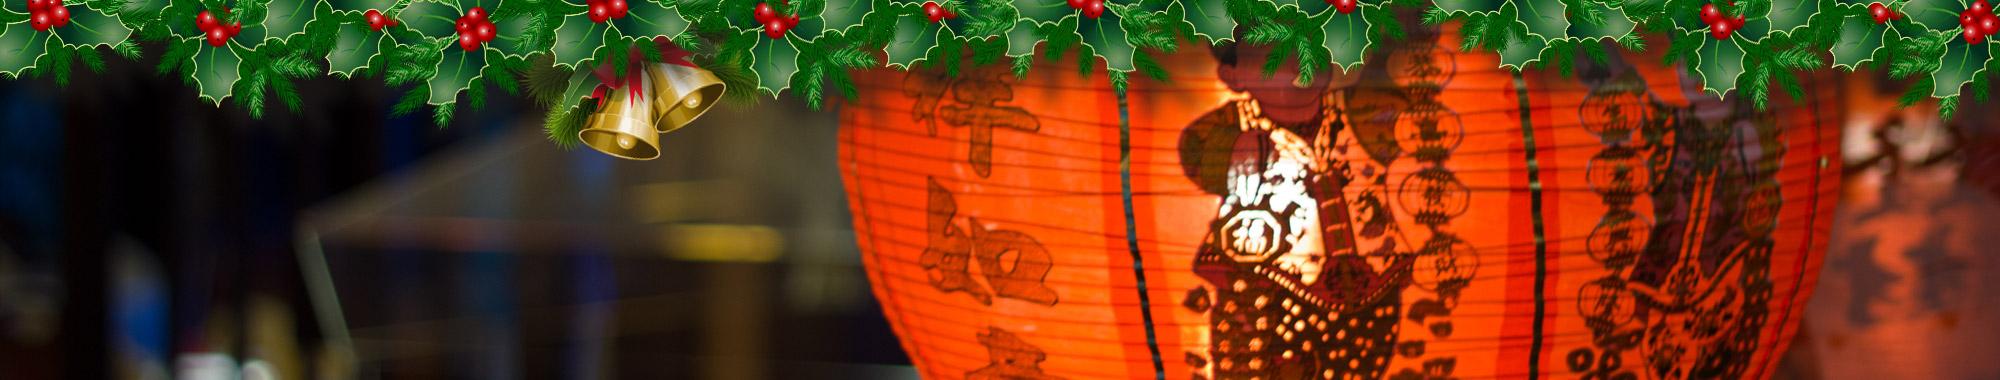 Kerst bij de Gouden Wok in Hazerswoude